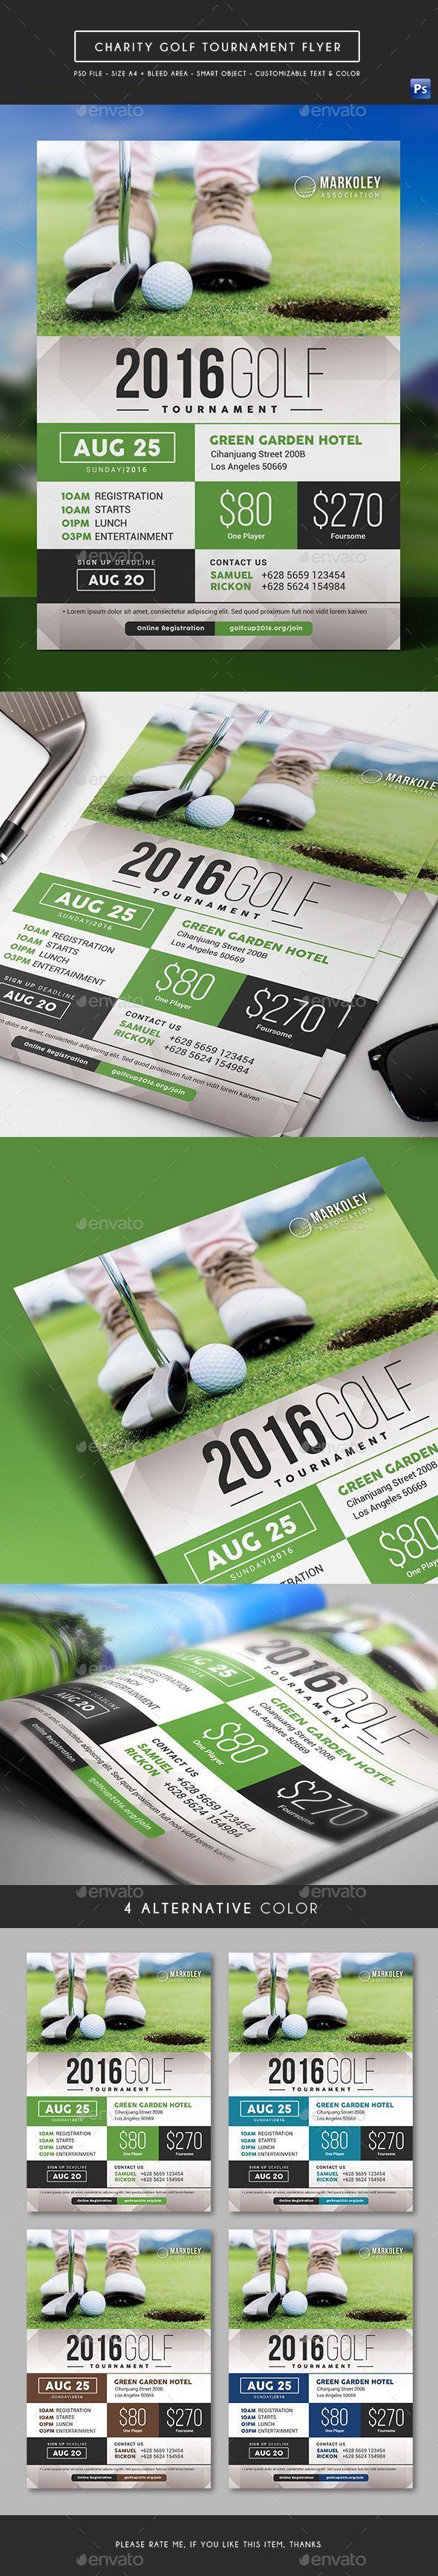 Charity Golf Tournament Flyer Golf event, Golf